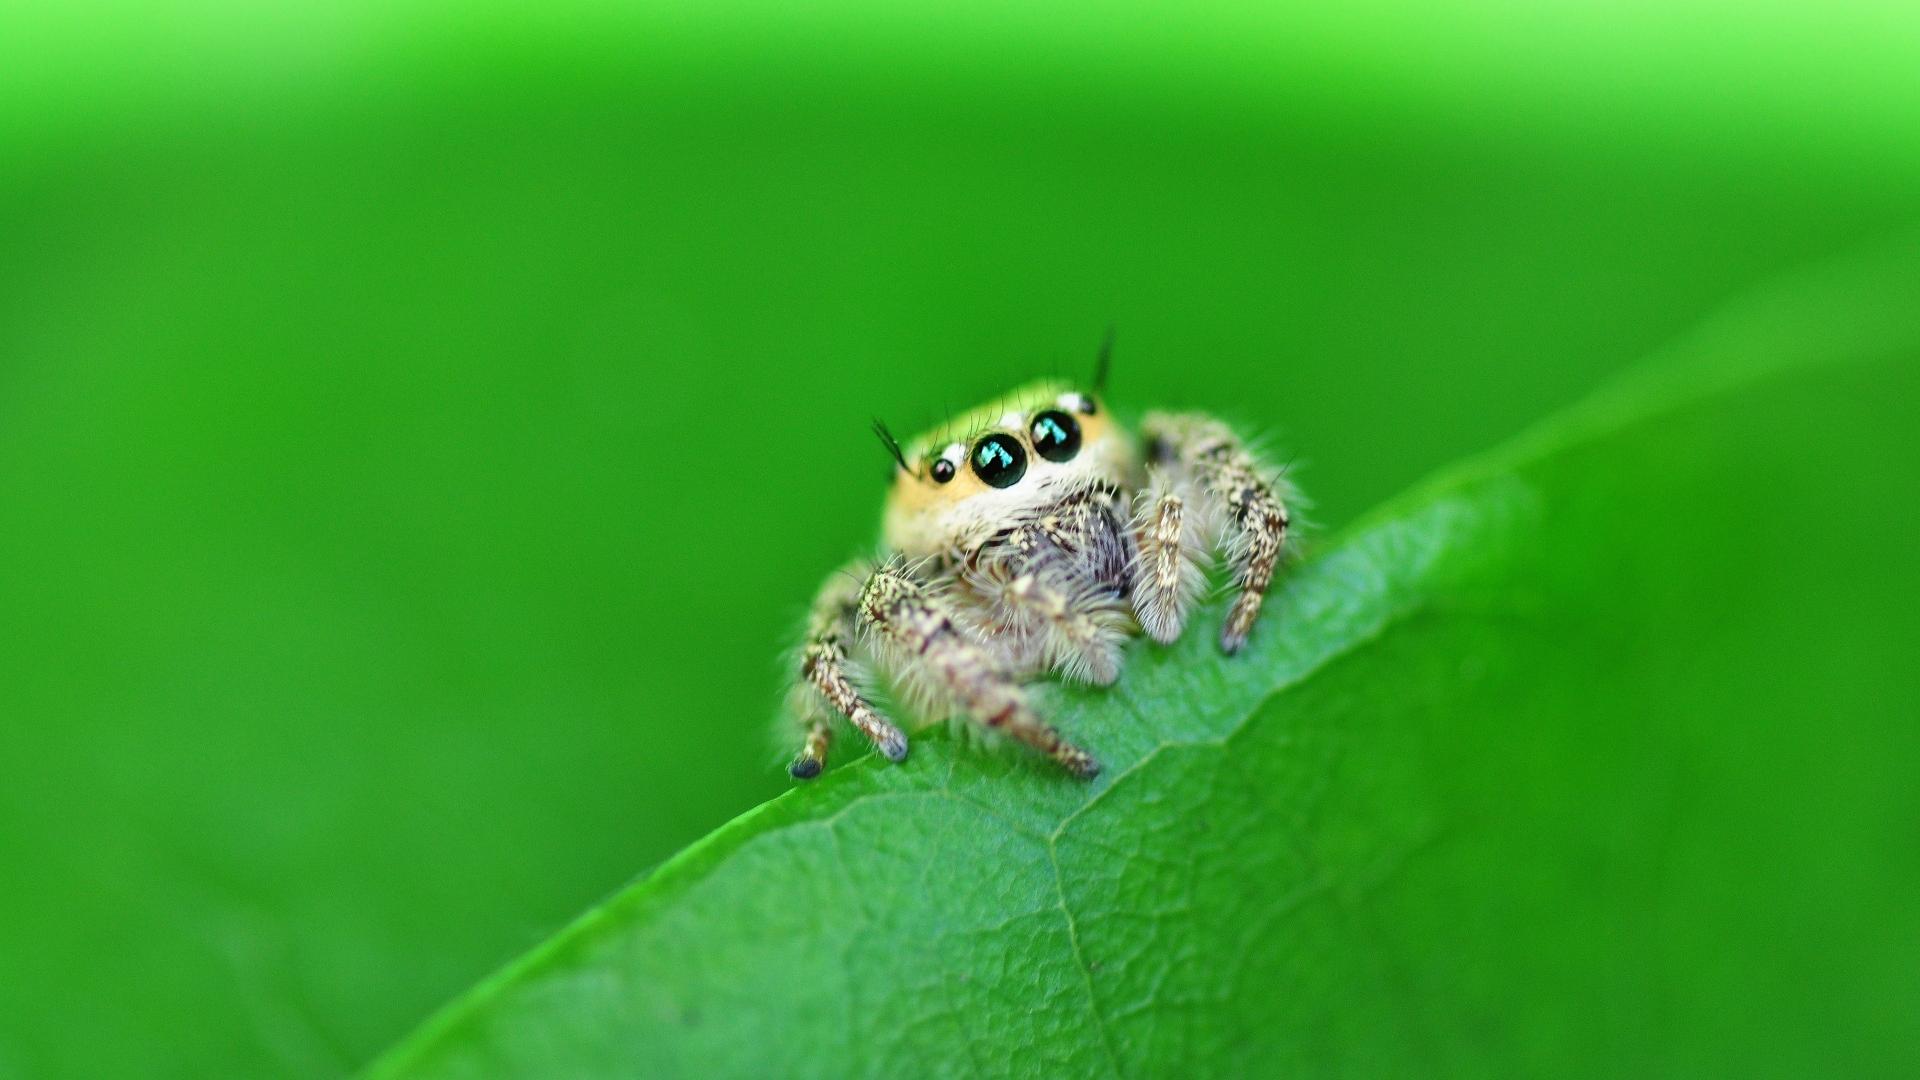 Una pequeña hermosa araña - 1920x1080